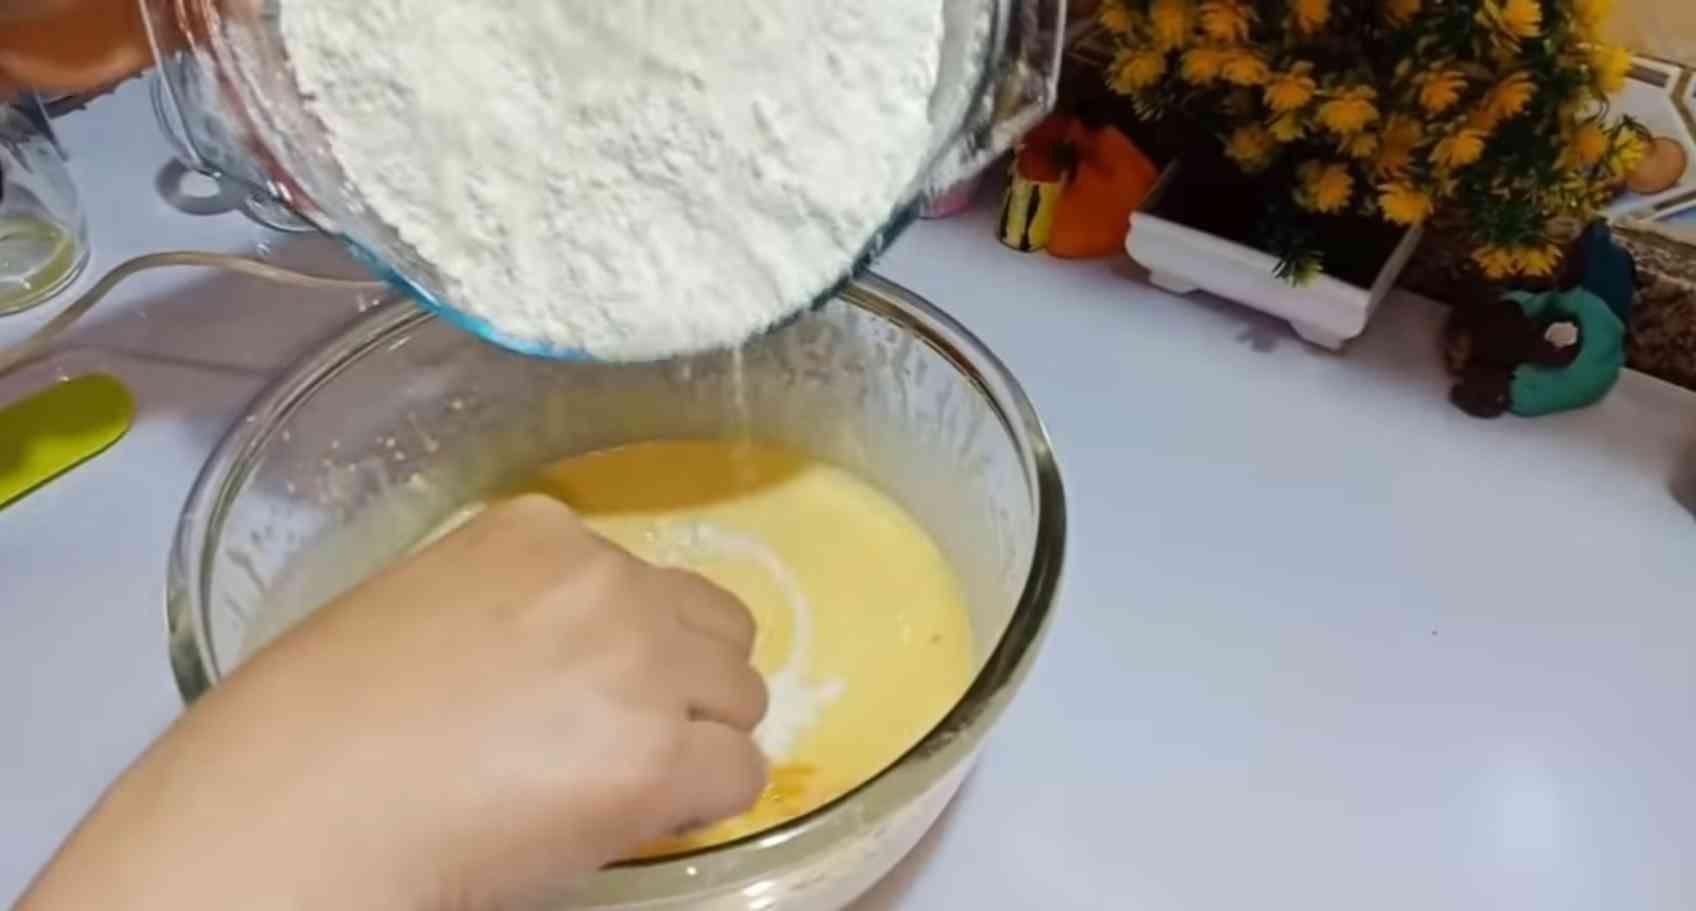 طريقة تحضير كيكة البرتقال بطريقة الشيف فاطمة أبو حاتي